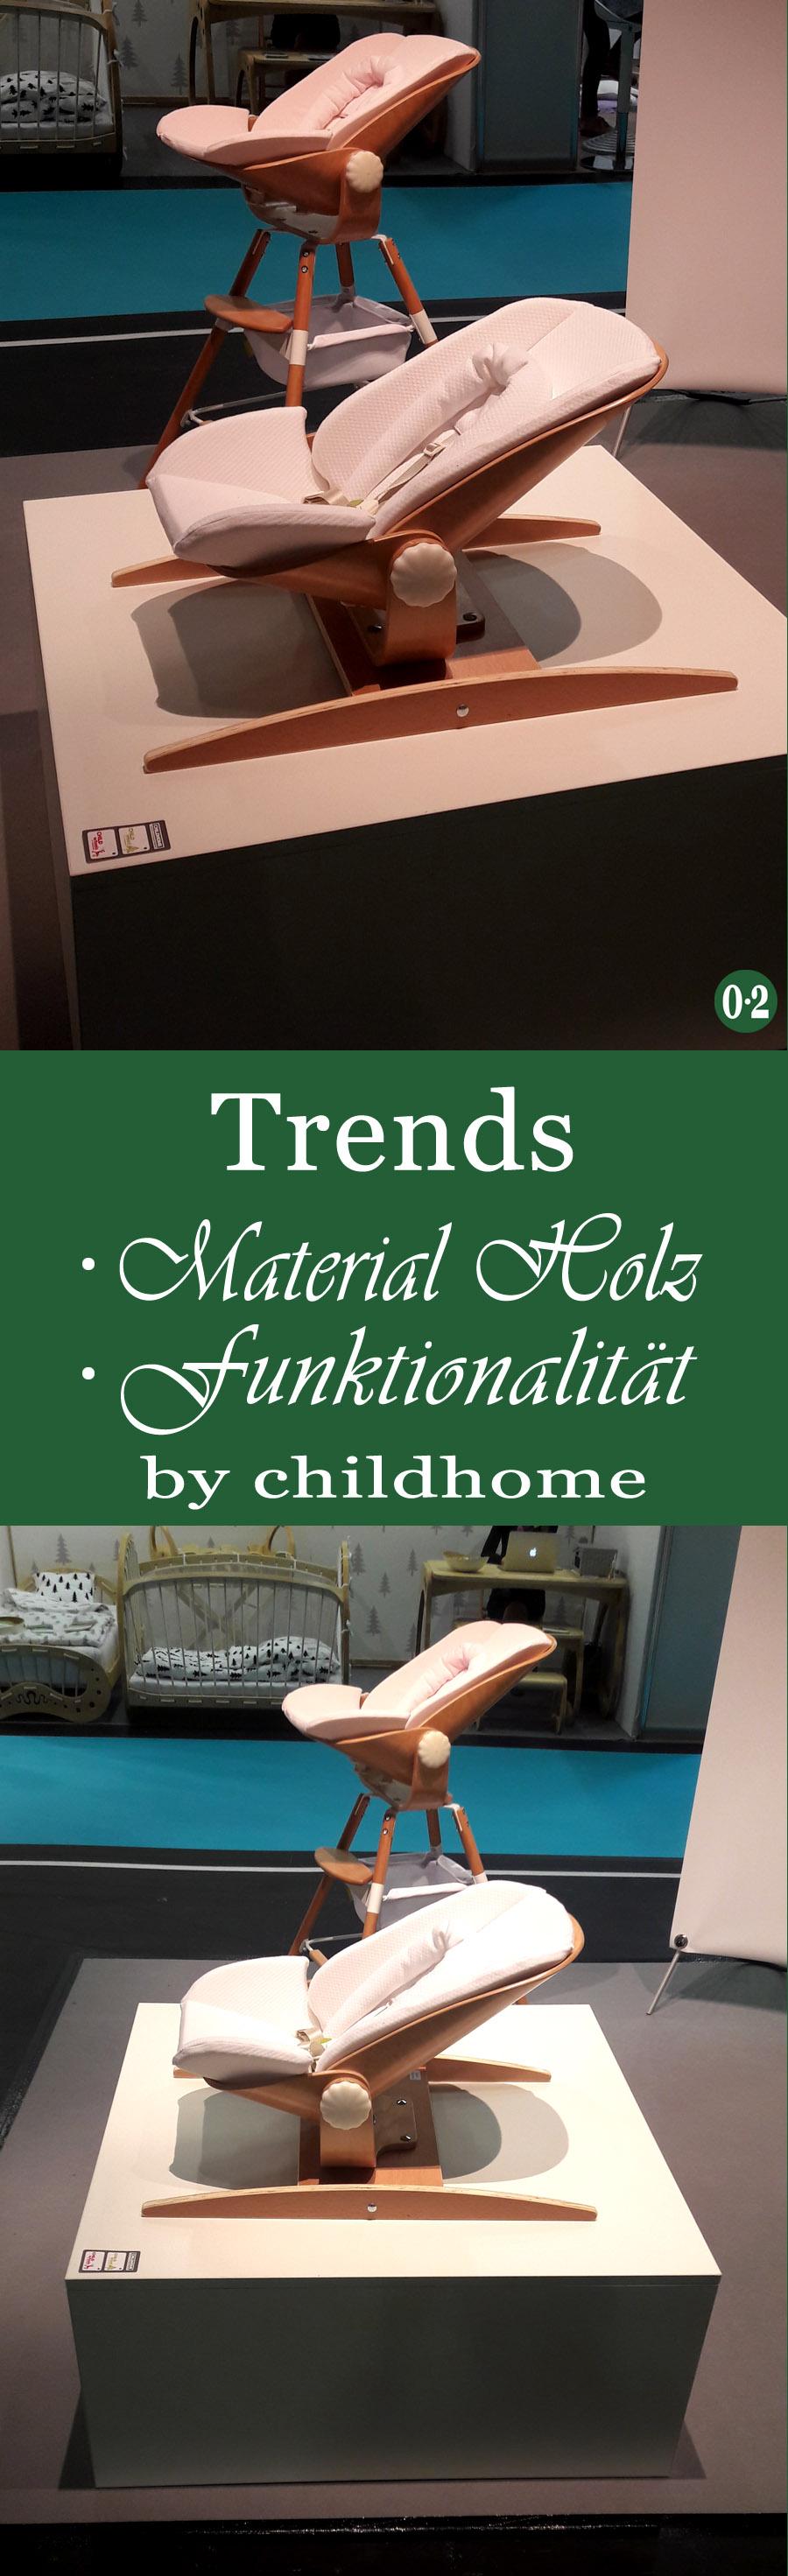 Mit Kindern zuhause & unterwegs -Trends 2018: Natürliche Materialien und Funktionalität bei Childhome | www.nullpunktzwo.de